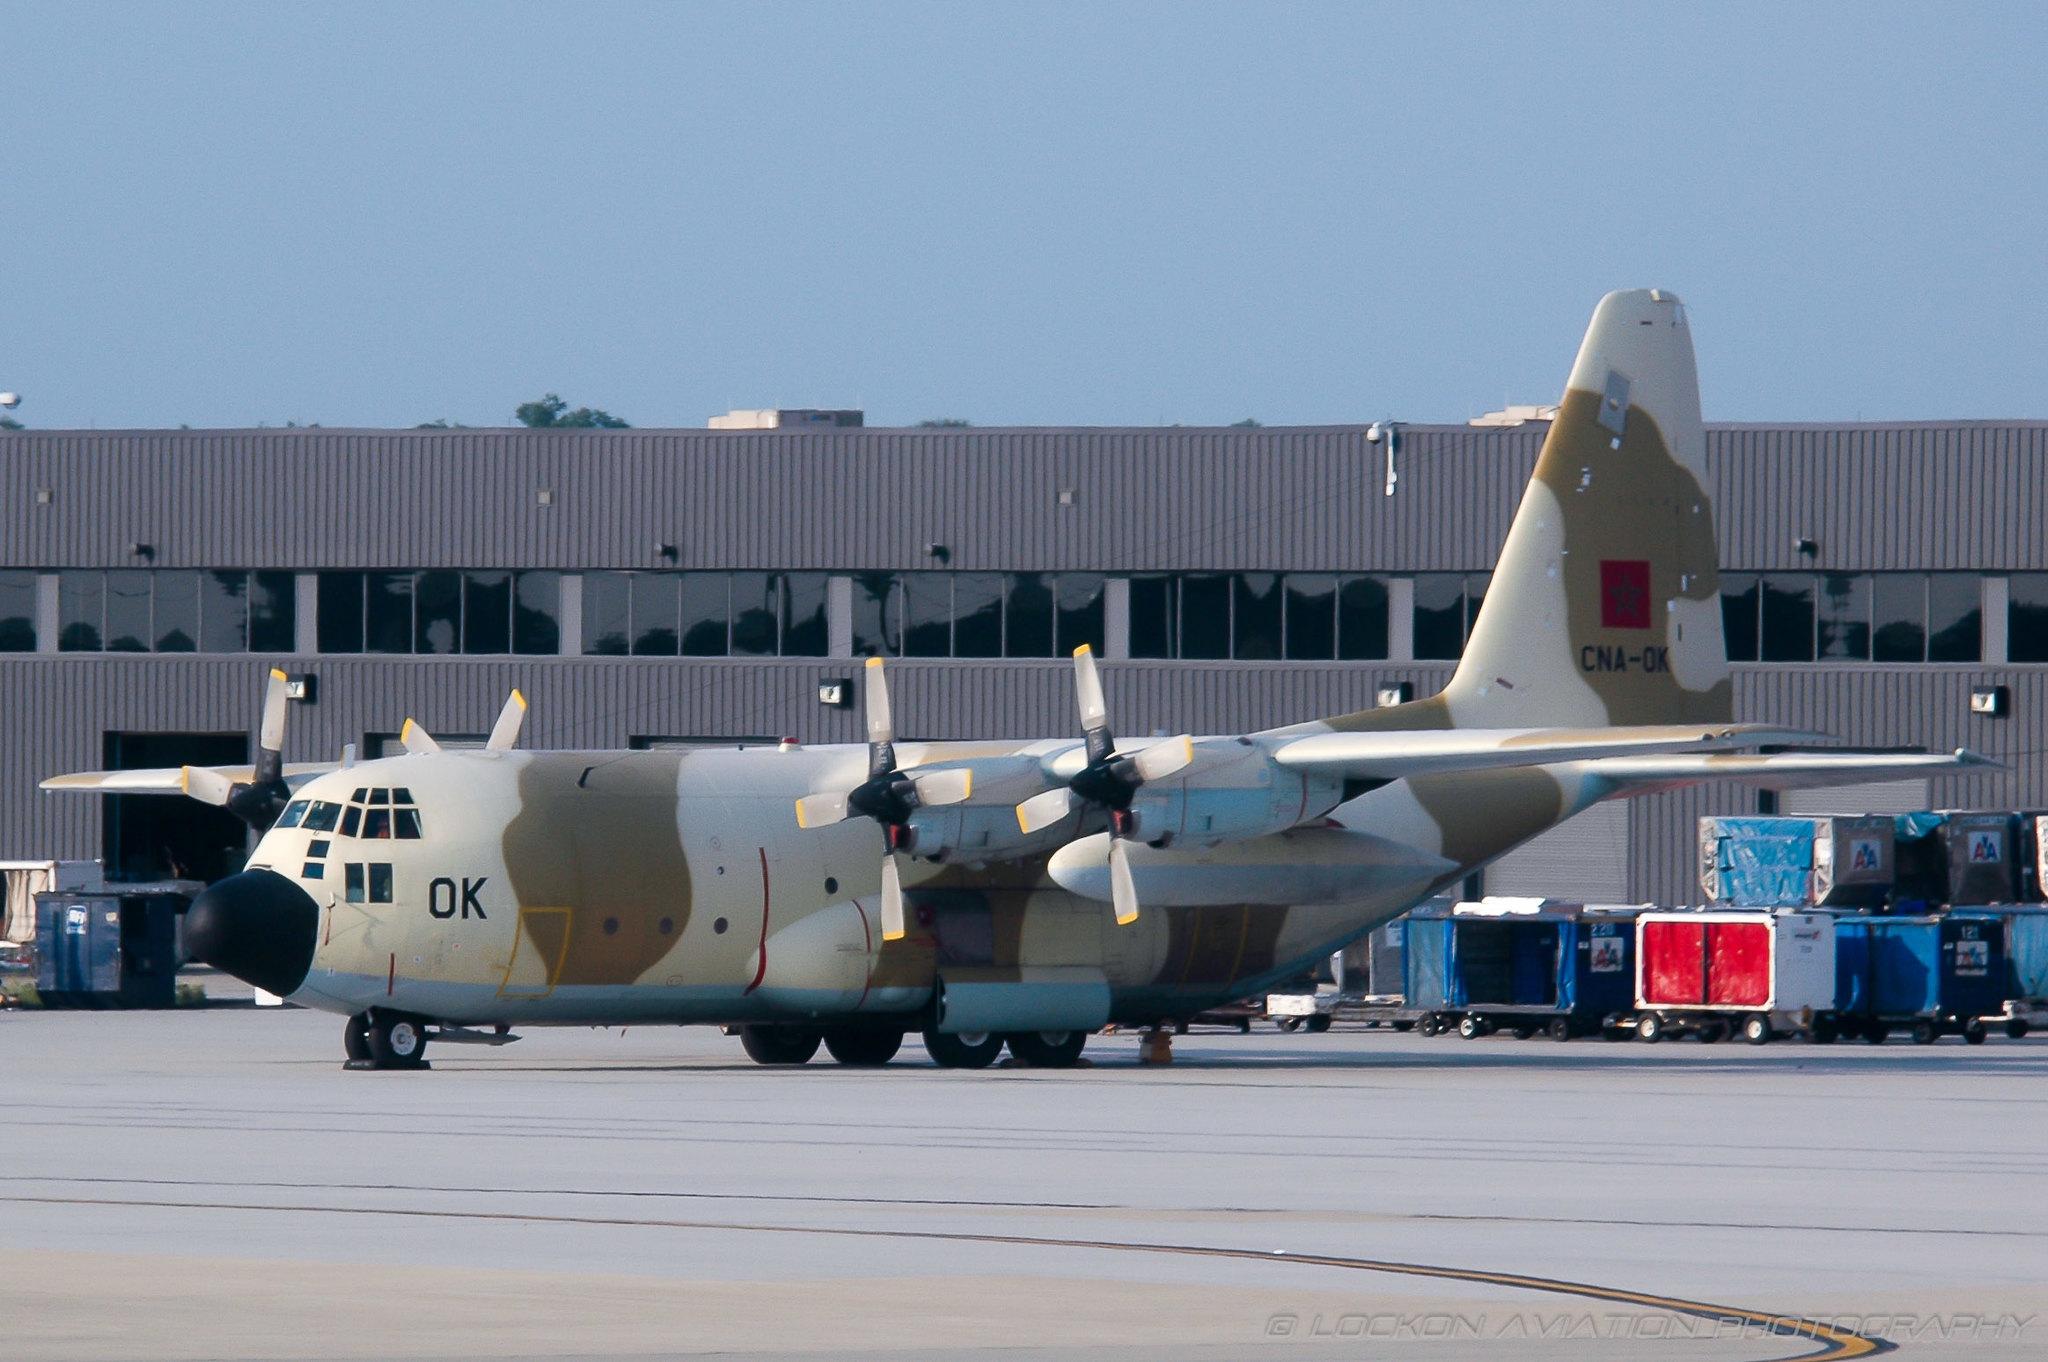 طائرات النقل العاملة بالقوات المسلحة المغربية 14759442826_0e6d489502_k